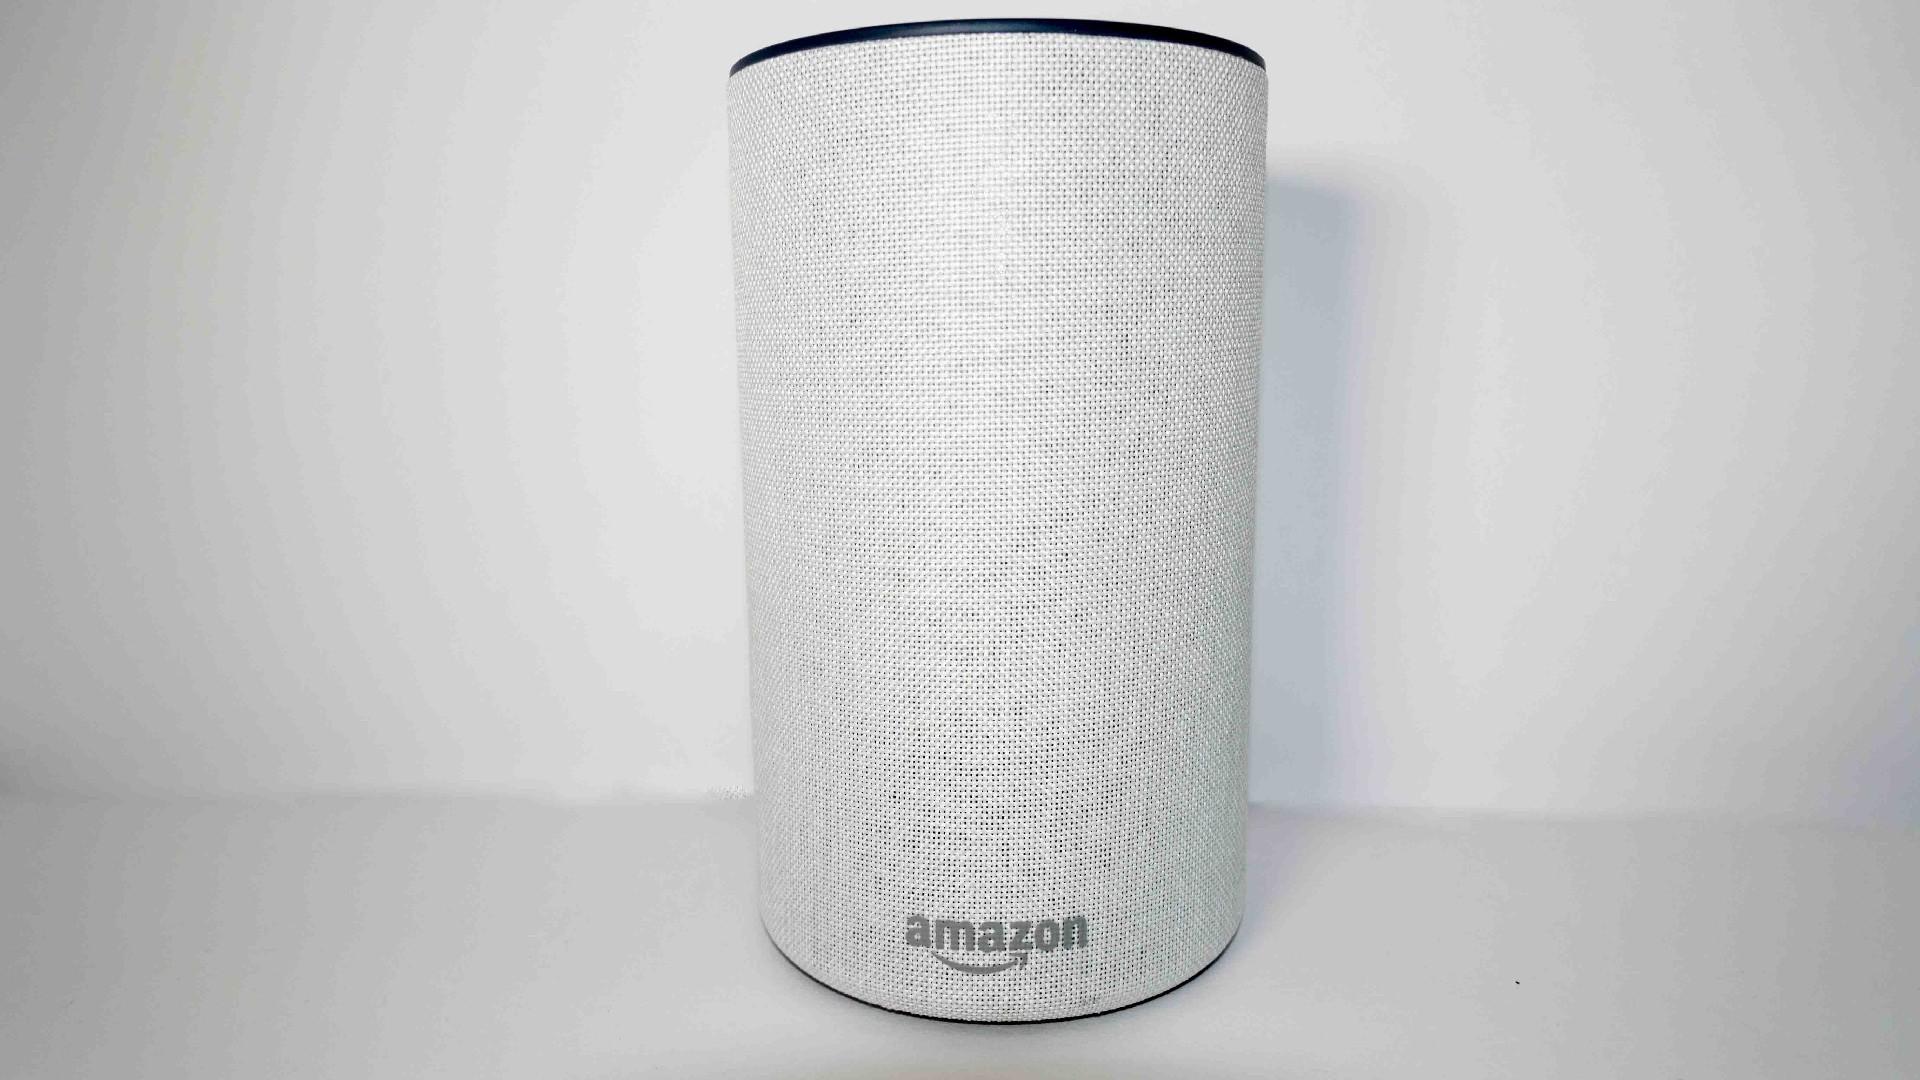 【レビュー】Amazon Echo(Alexa)の使い勝手は正直微妙でした。